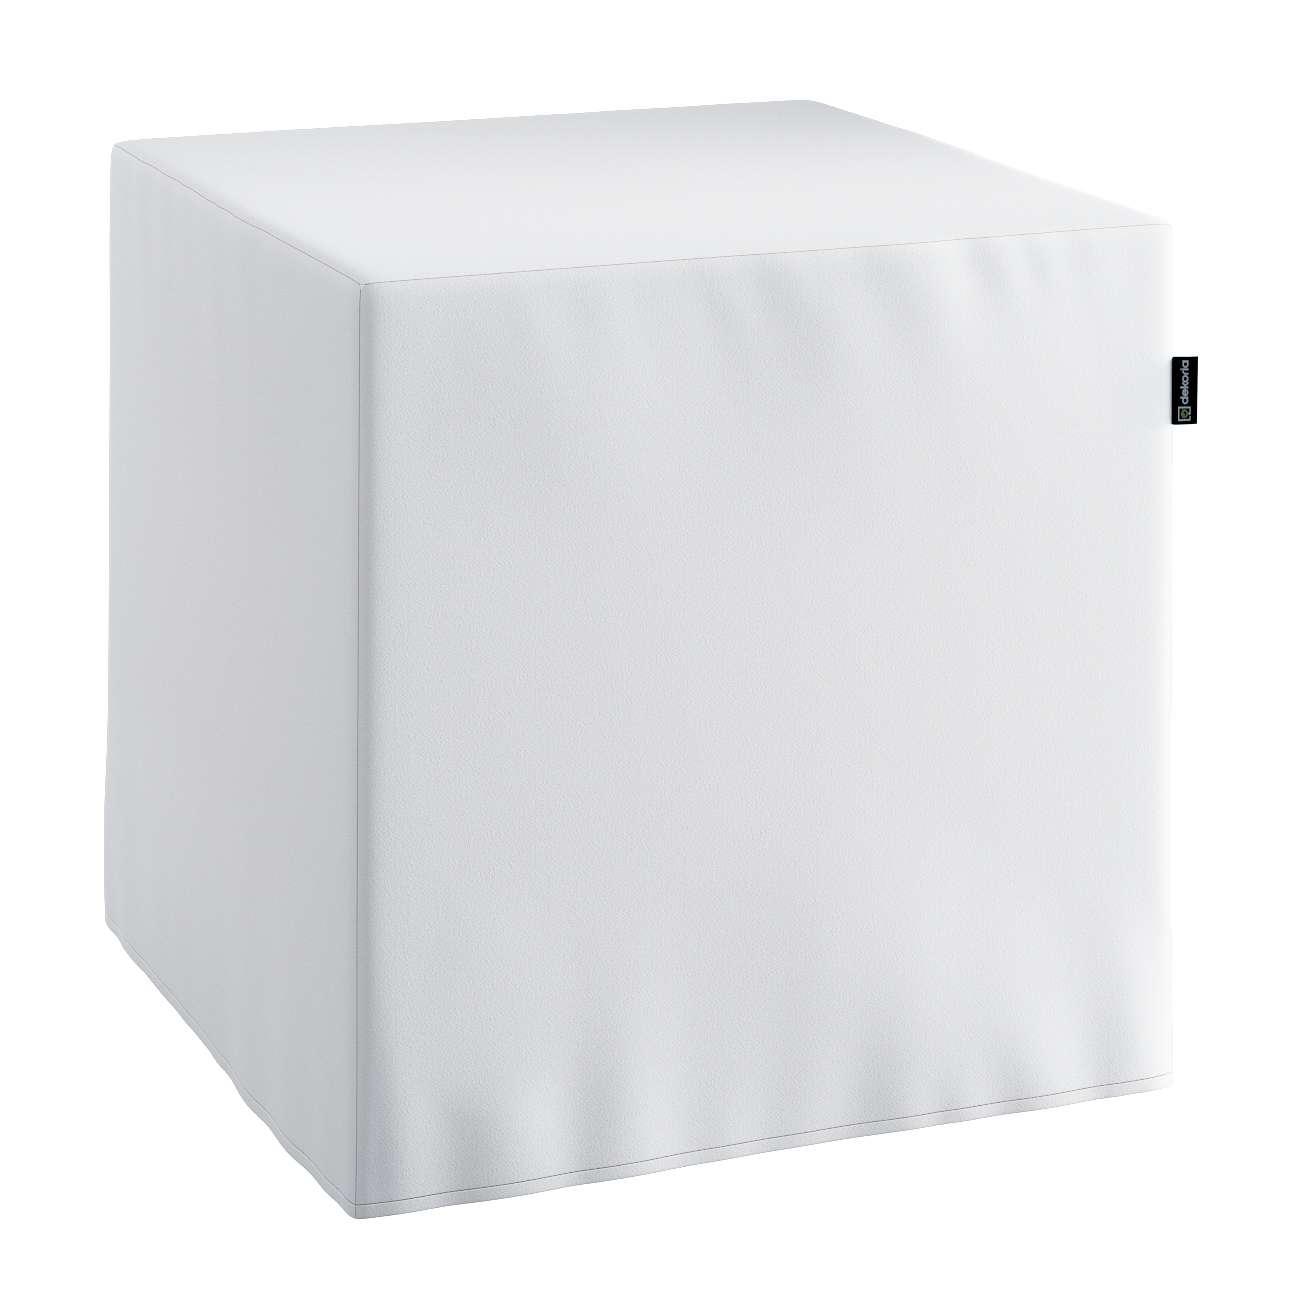 Pokrowiec na pufę kostke kostka 40x40x40 cm w kolekcji Comics, tkanina: 139-00